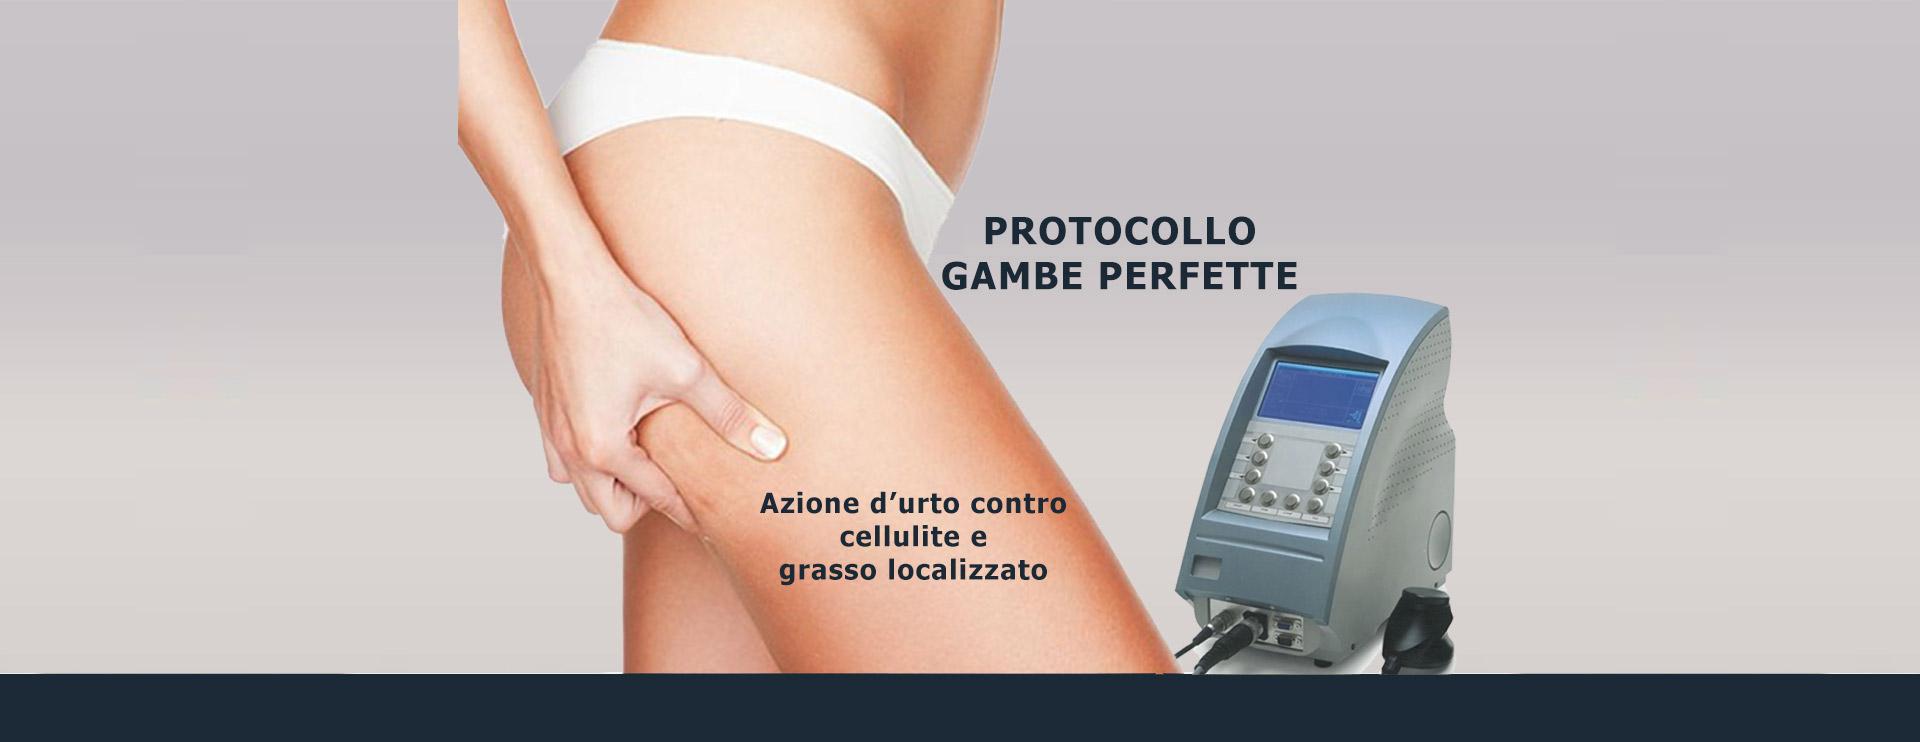 gambe-perfette-centro-medico-estetico-lariano-como